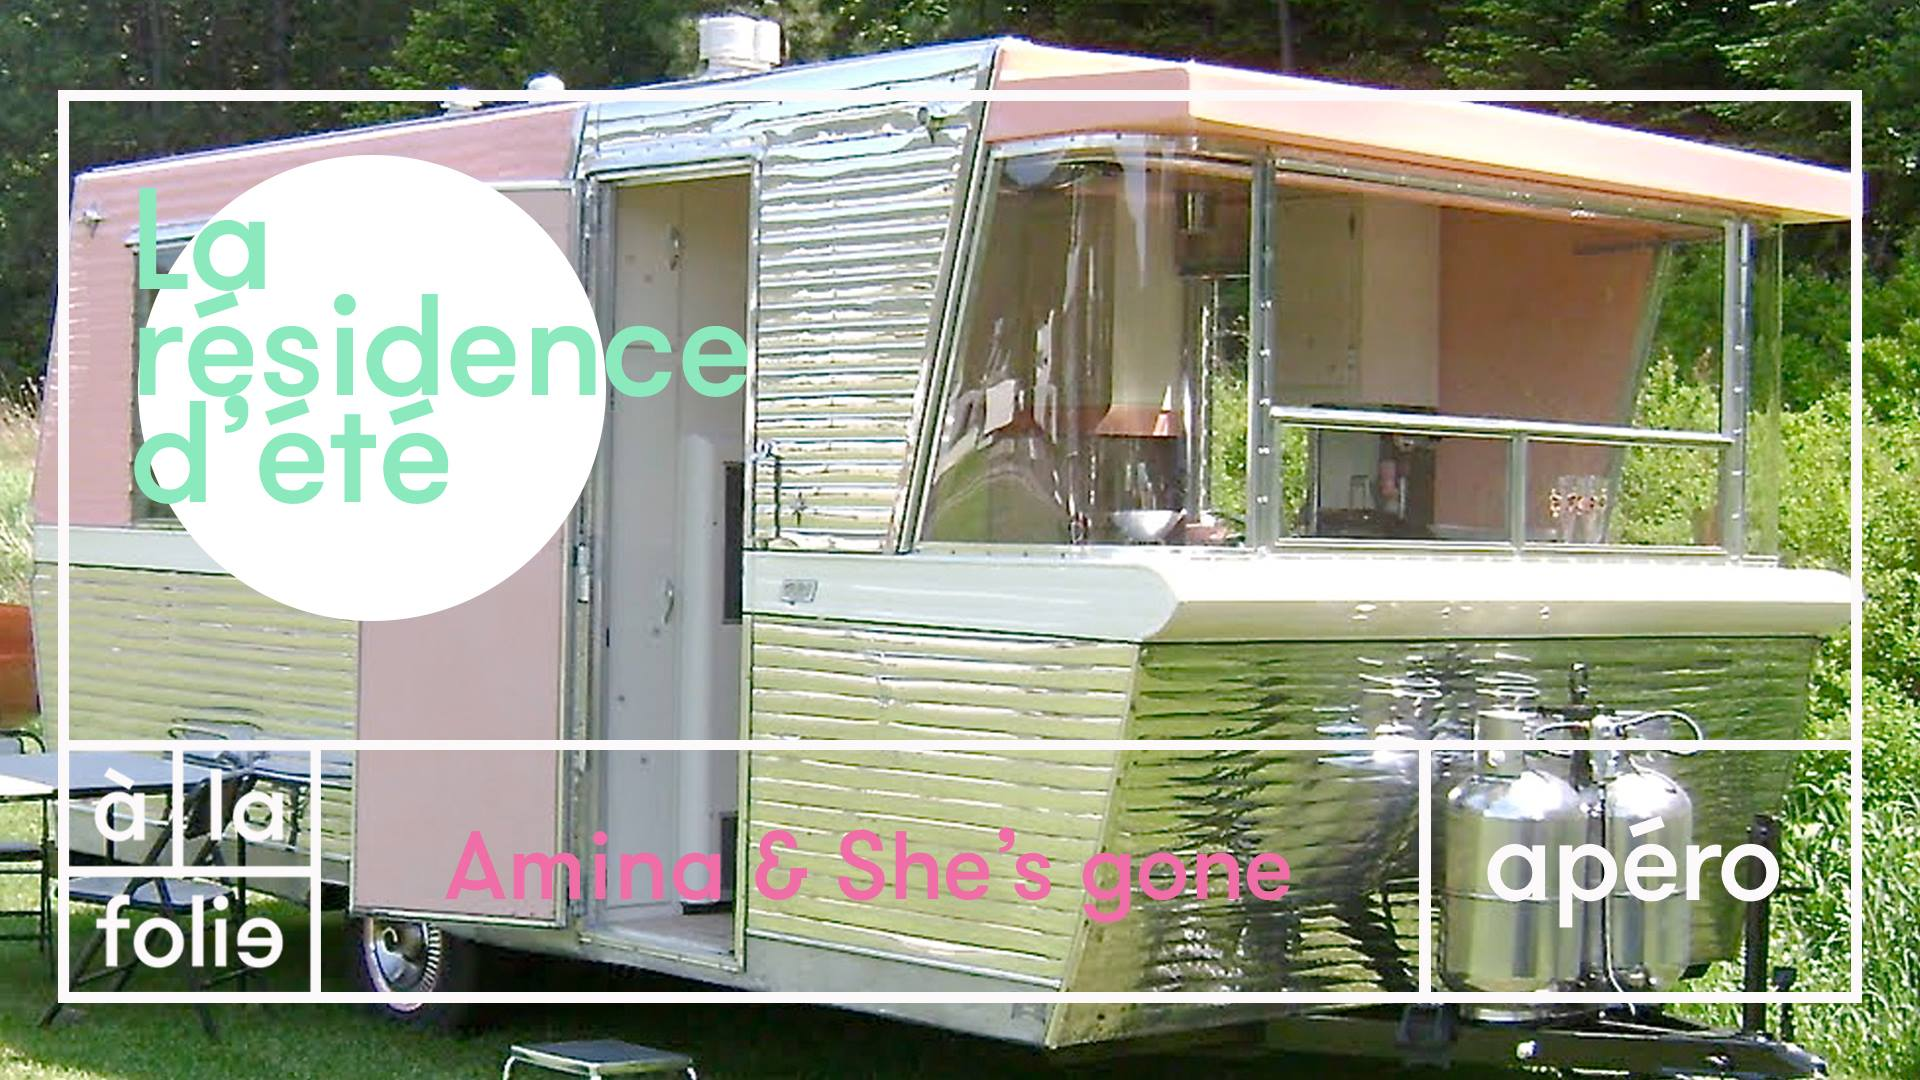 Résidence d'été w/ Amina & She's Gone